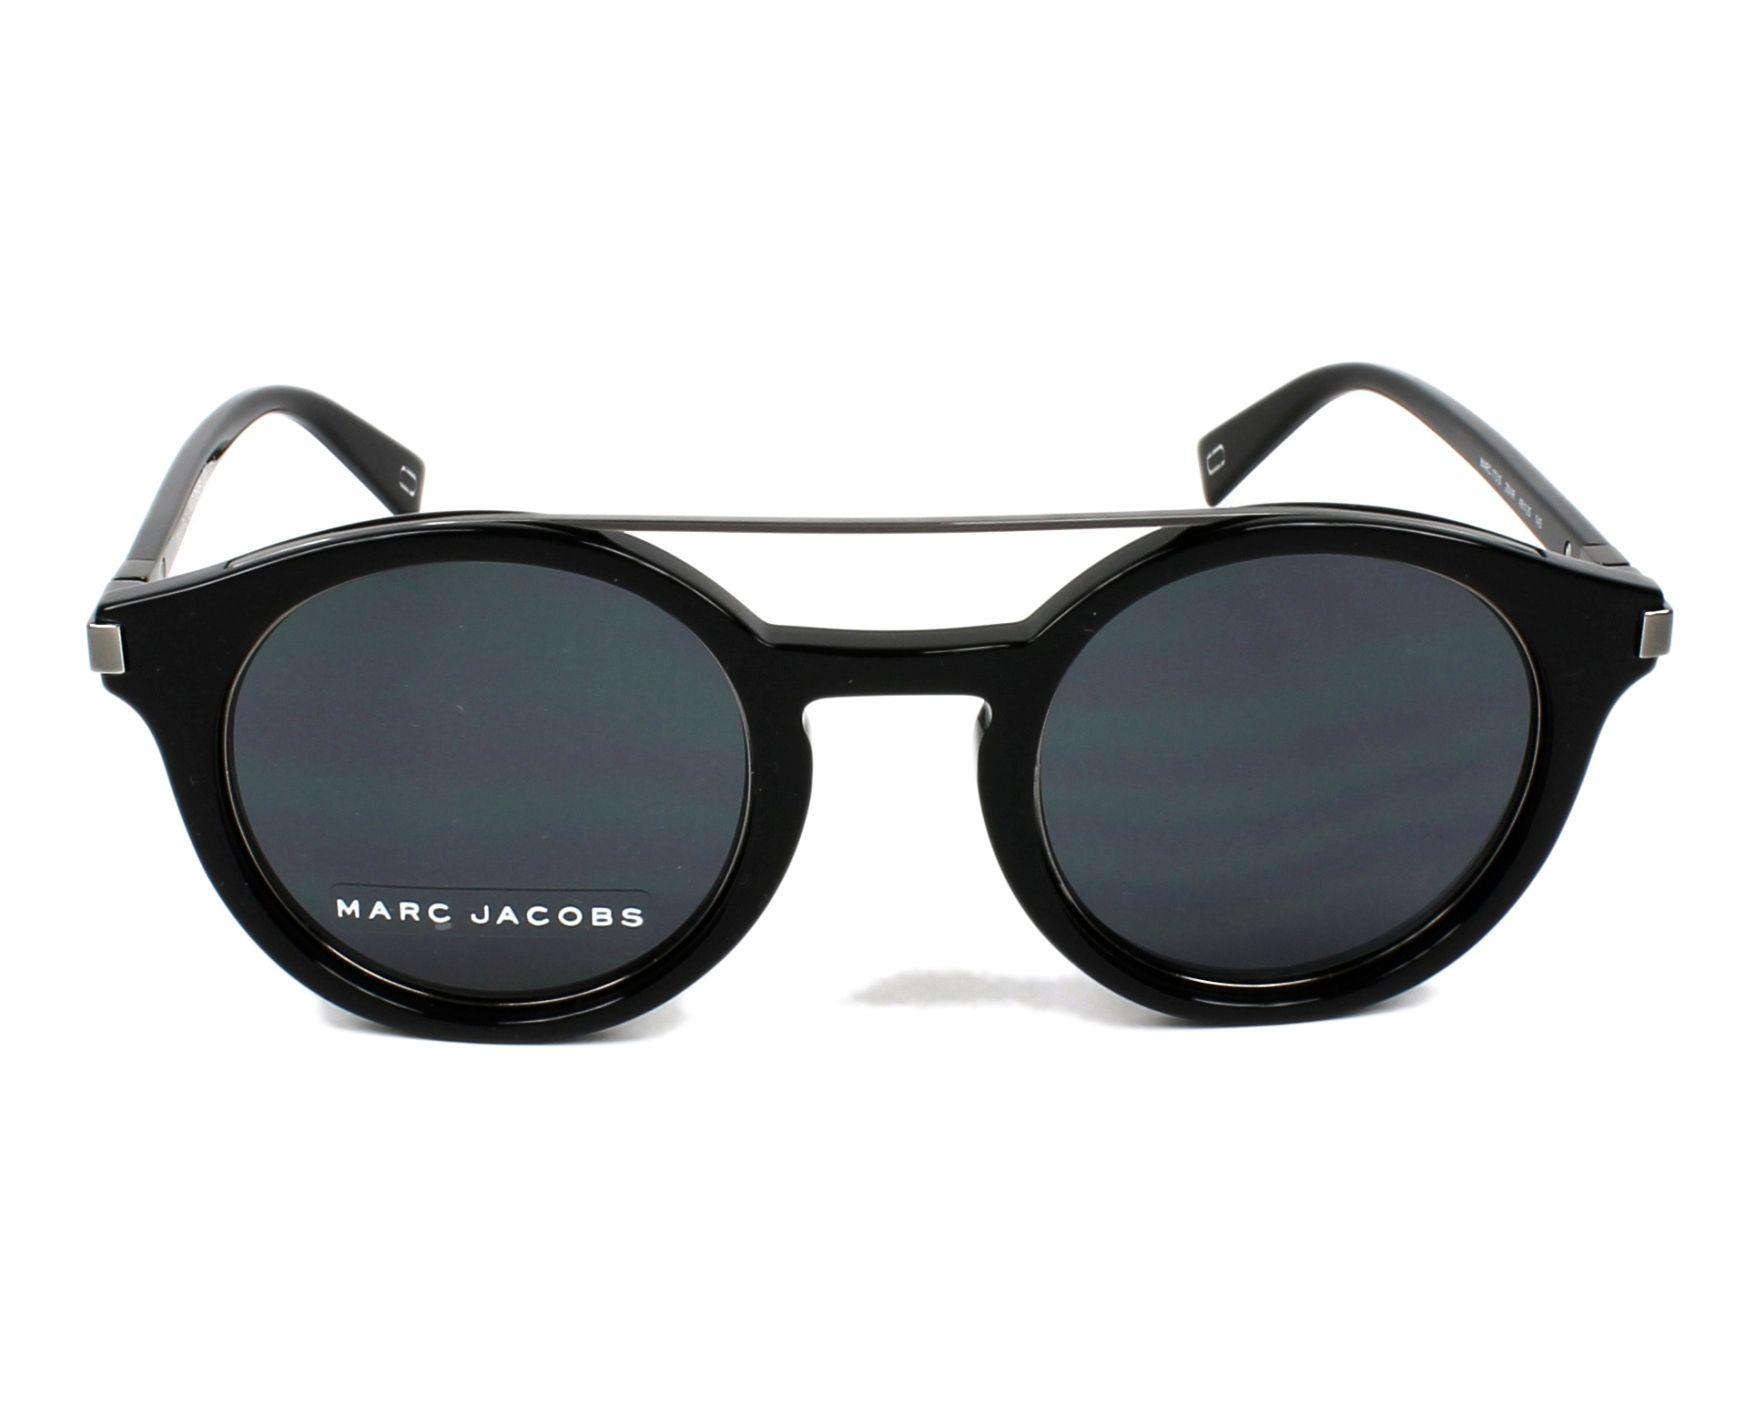 08f54ae14b425 Lunettes de soleil de Marc Jacobs en MARC-173-S 284 IR